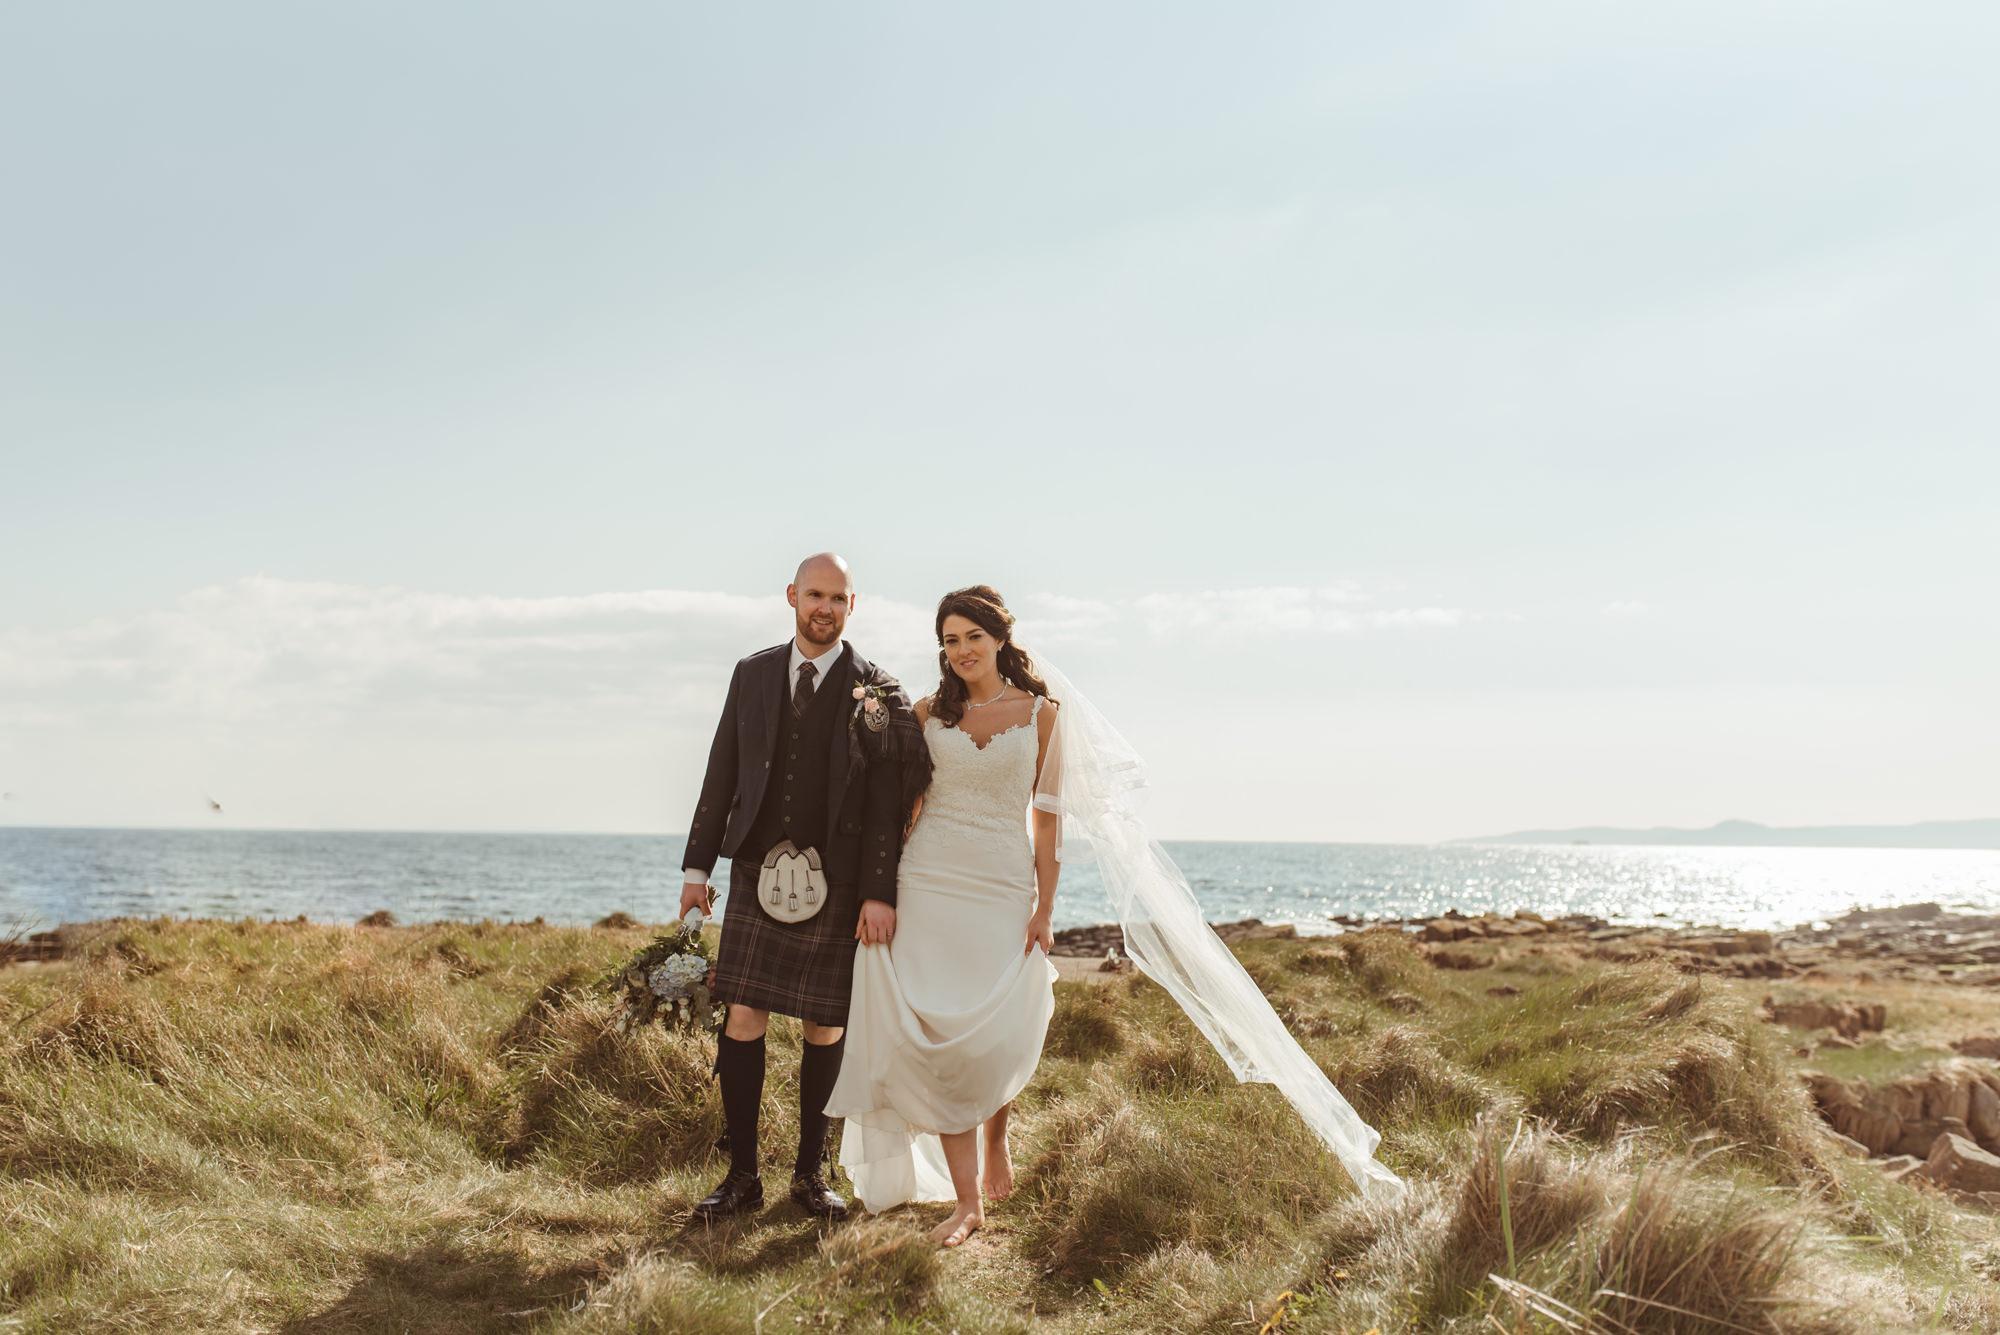 scottish-coast-wedding-photography.jpg